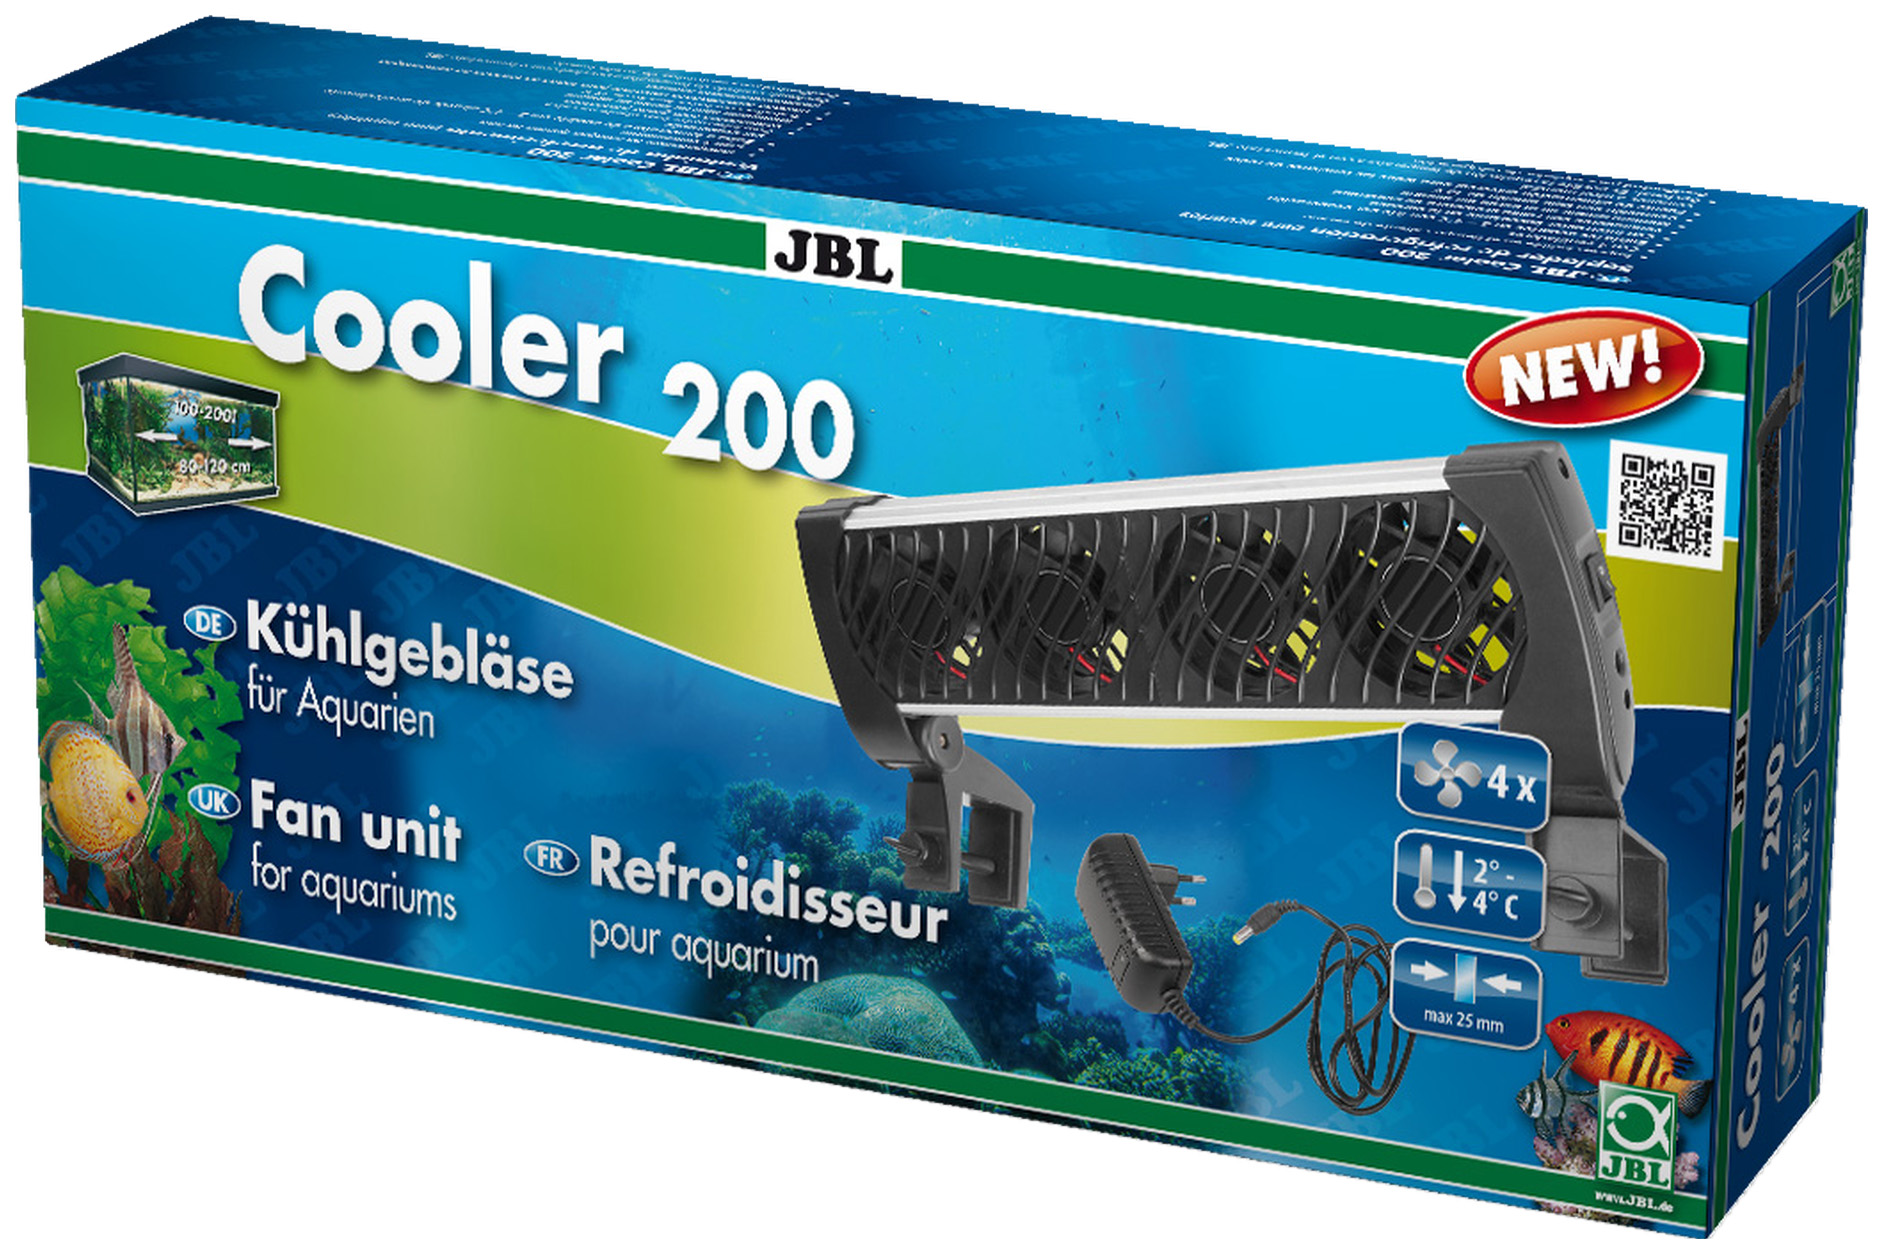 Вентилятор JBL Cooler 200 для охлаждения воды